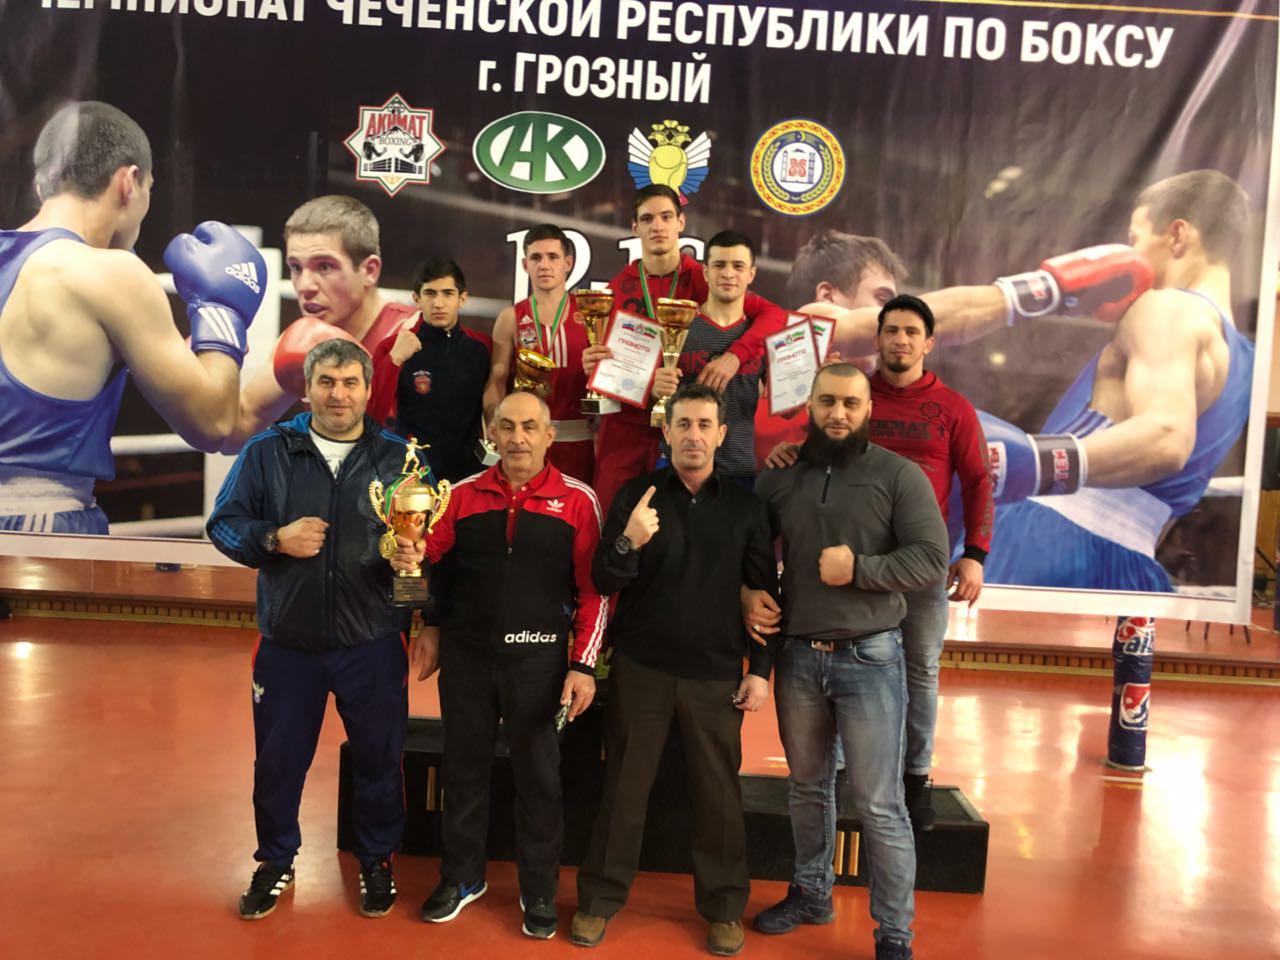 Чемпионат Чеченской Республики по боксу среди мужчин 19-40 лет